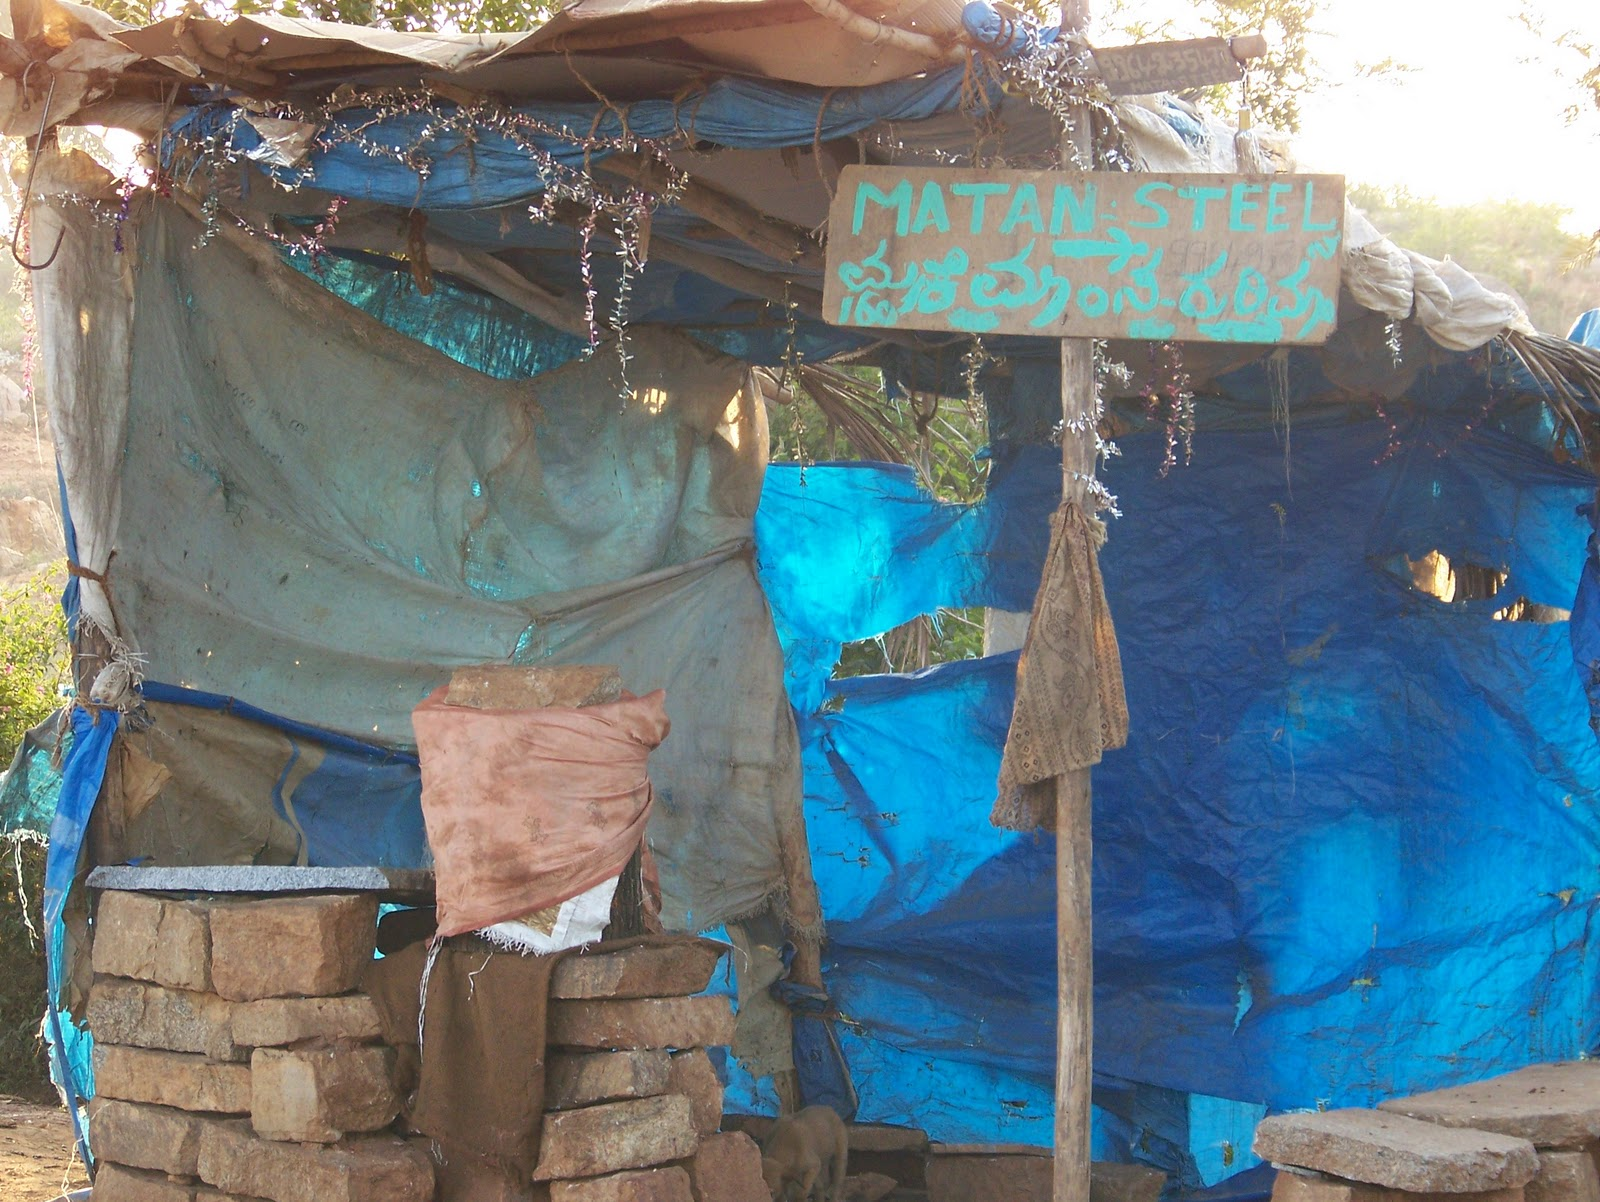 mutton stall